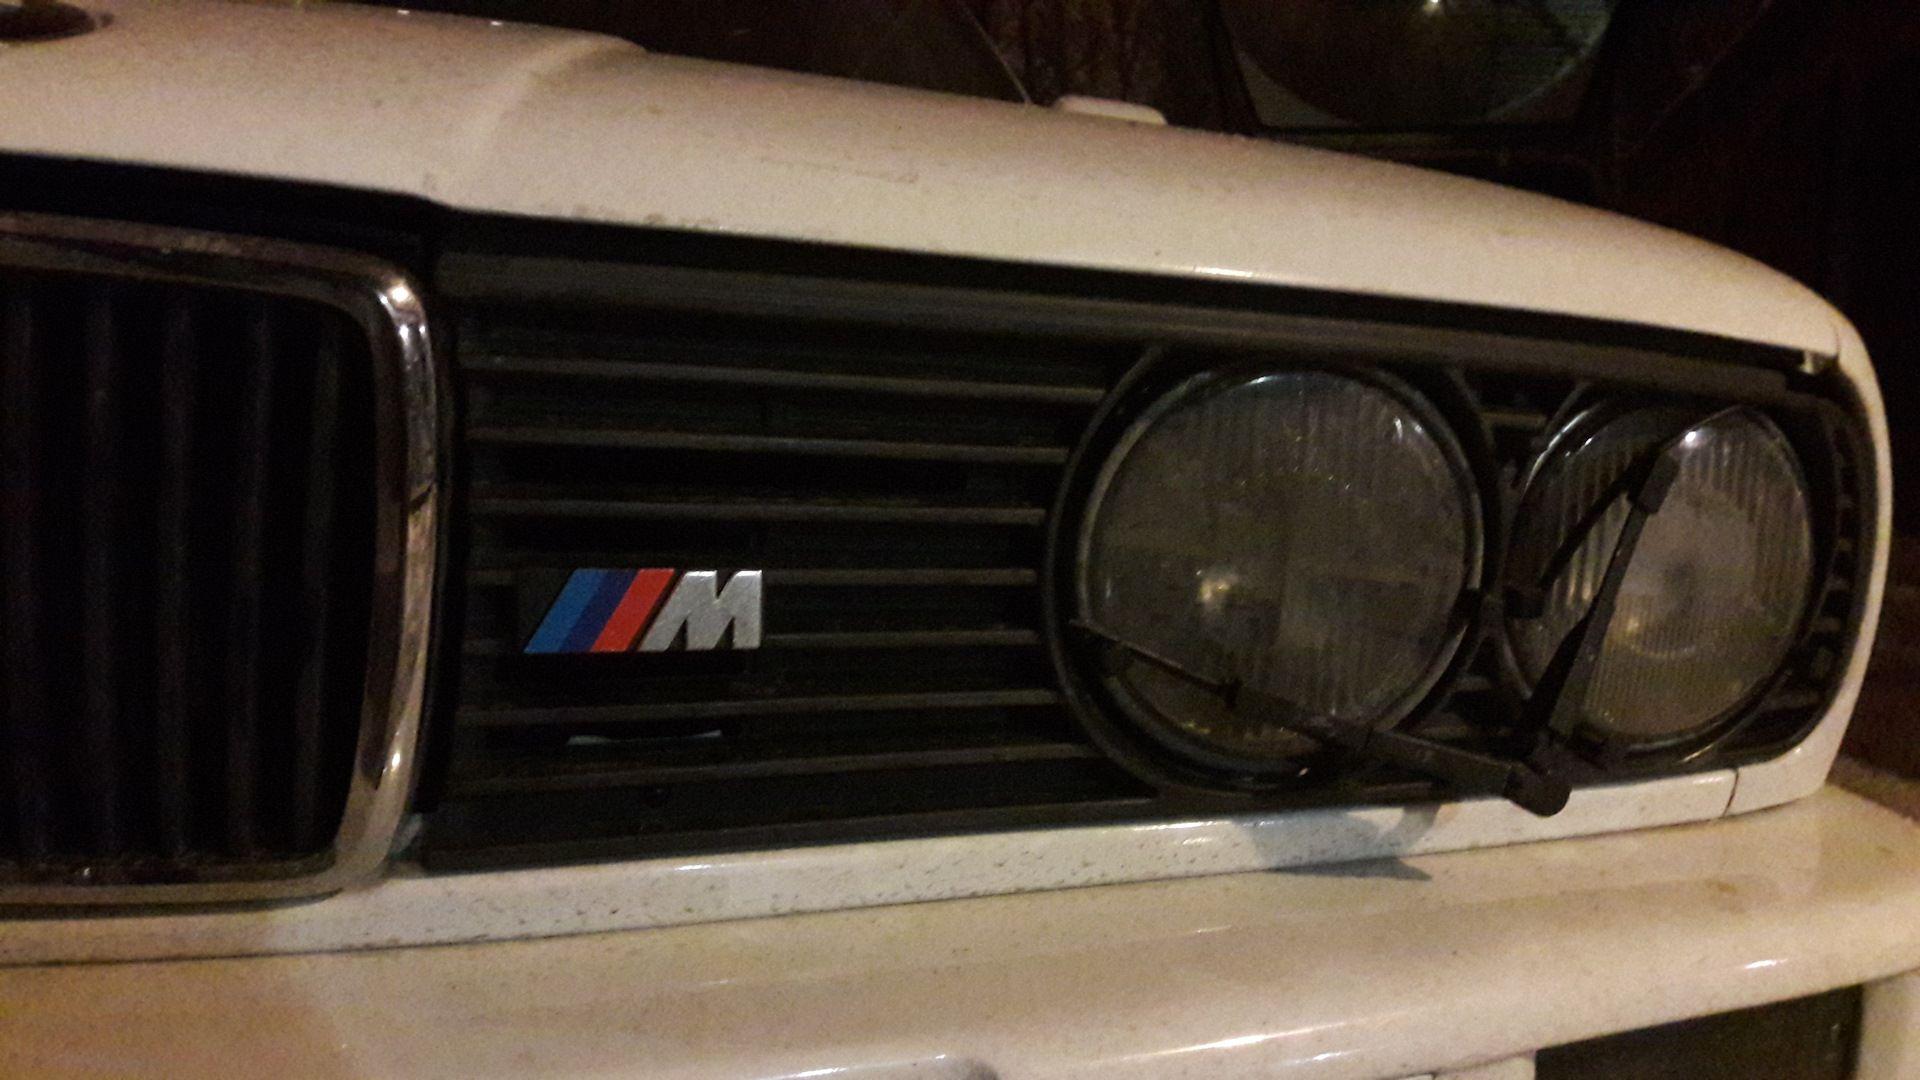 Логотип М ставился на авто с М пакетом, так что тут ему самое место.